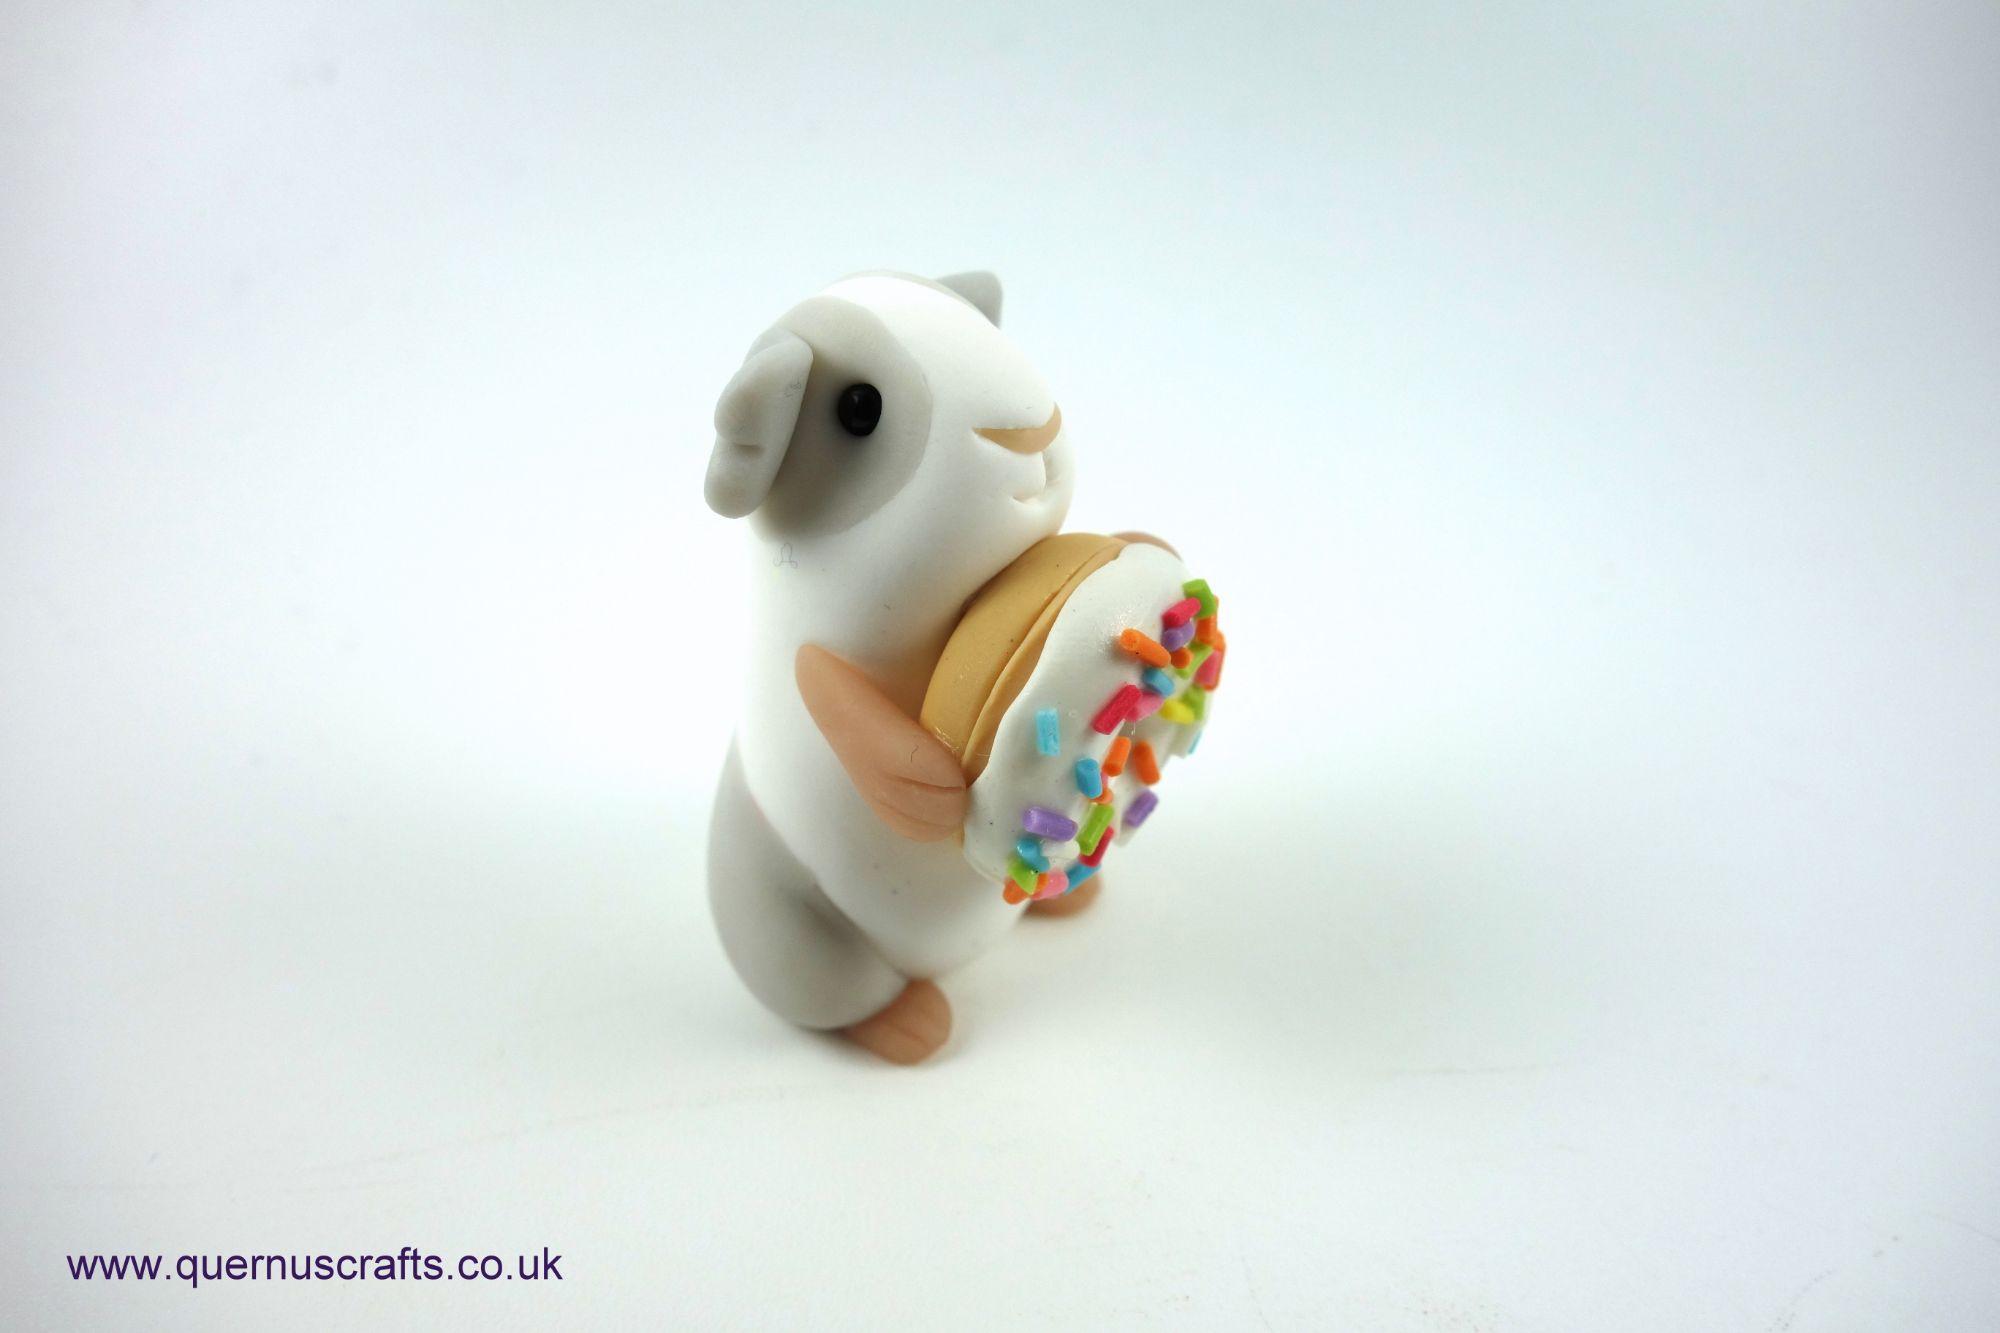 Little Donut Guinea Pig